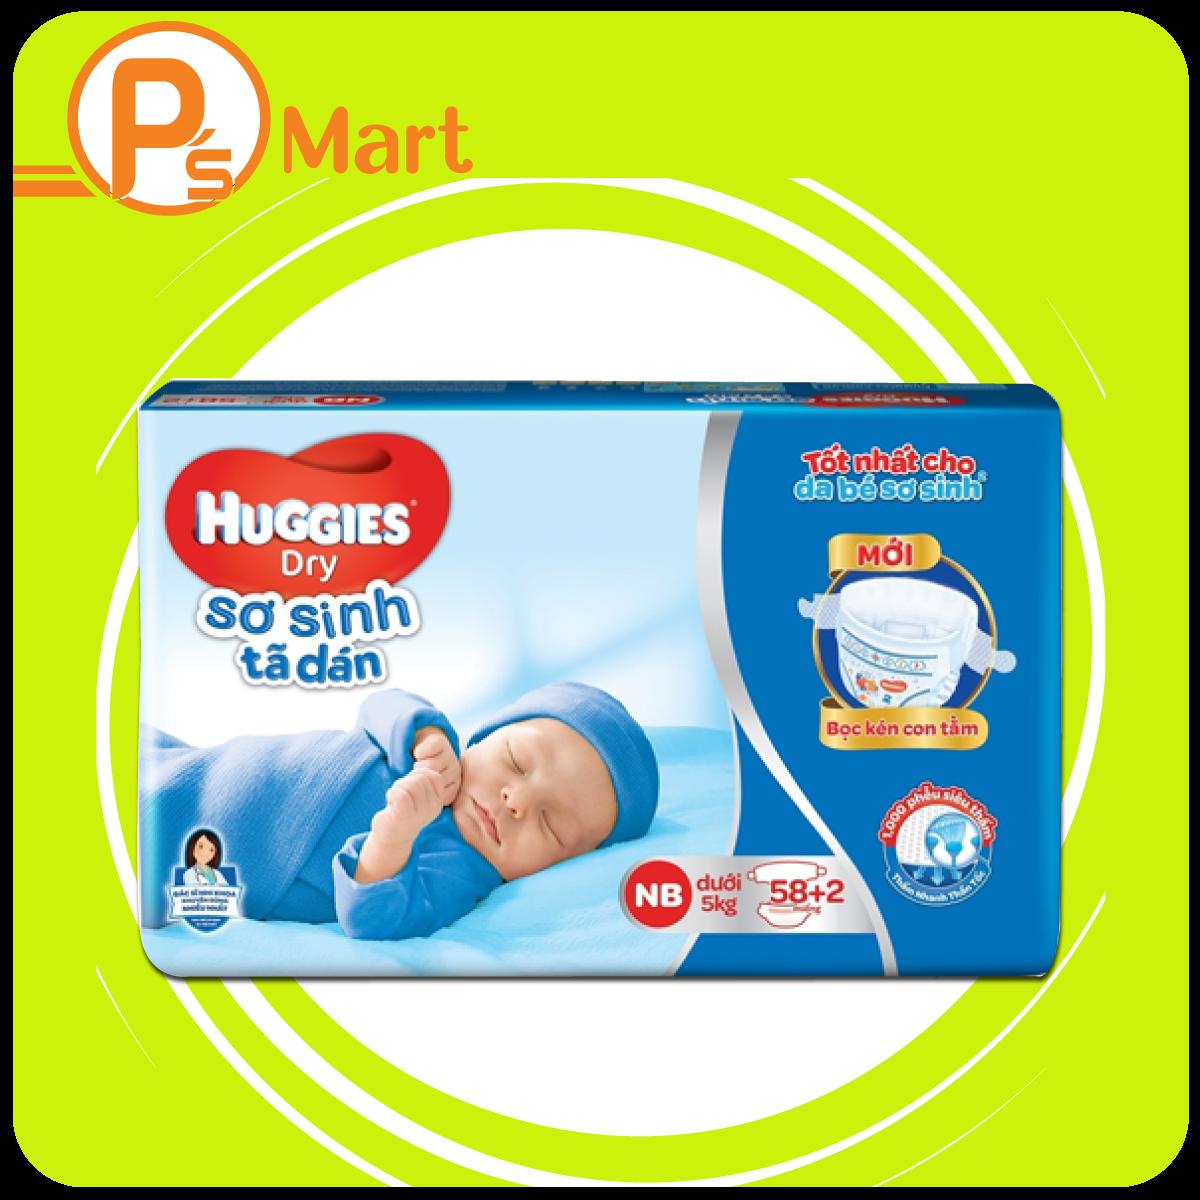 Tã dán sơ sinh Huggies (Newborn, dưới 5kg, 58 + 2 miếng)